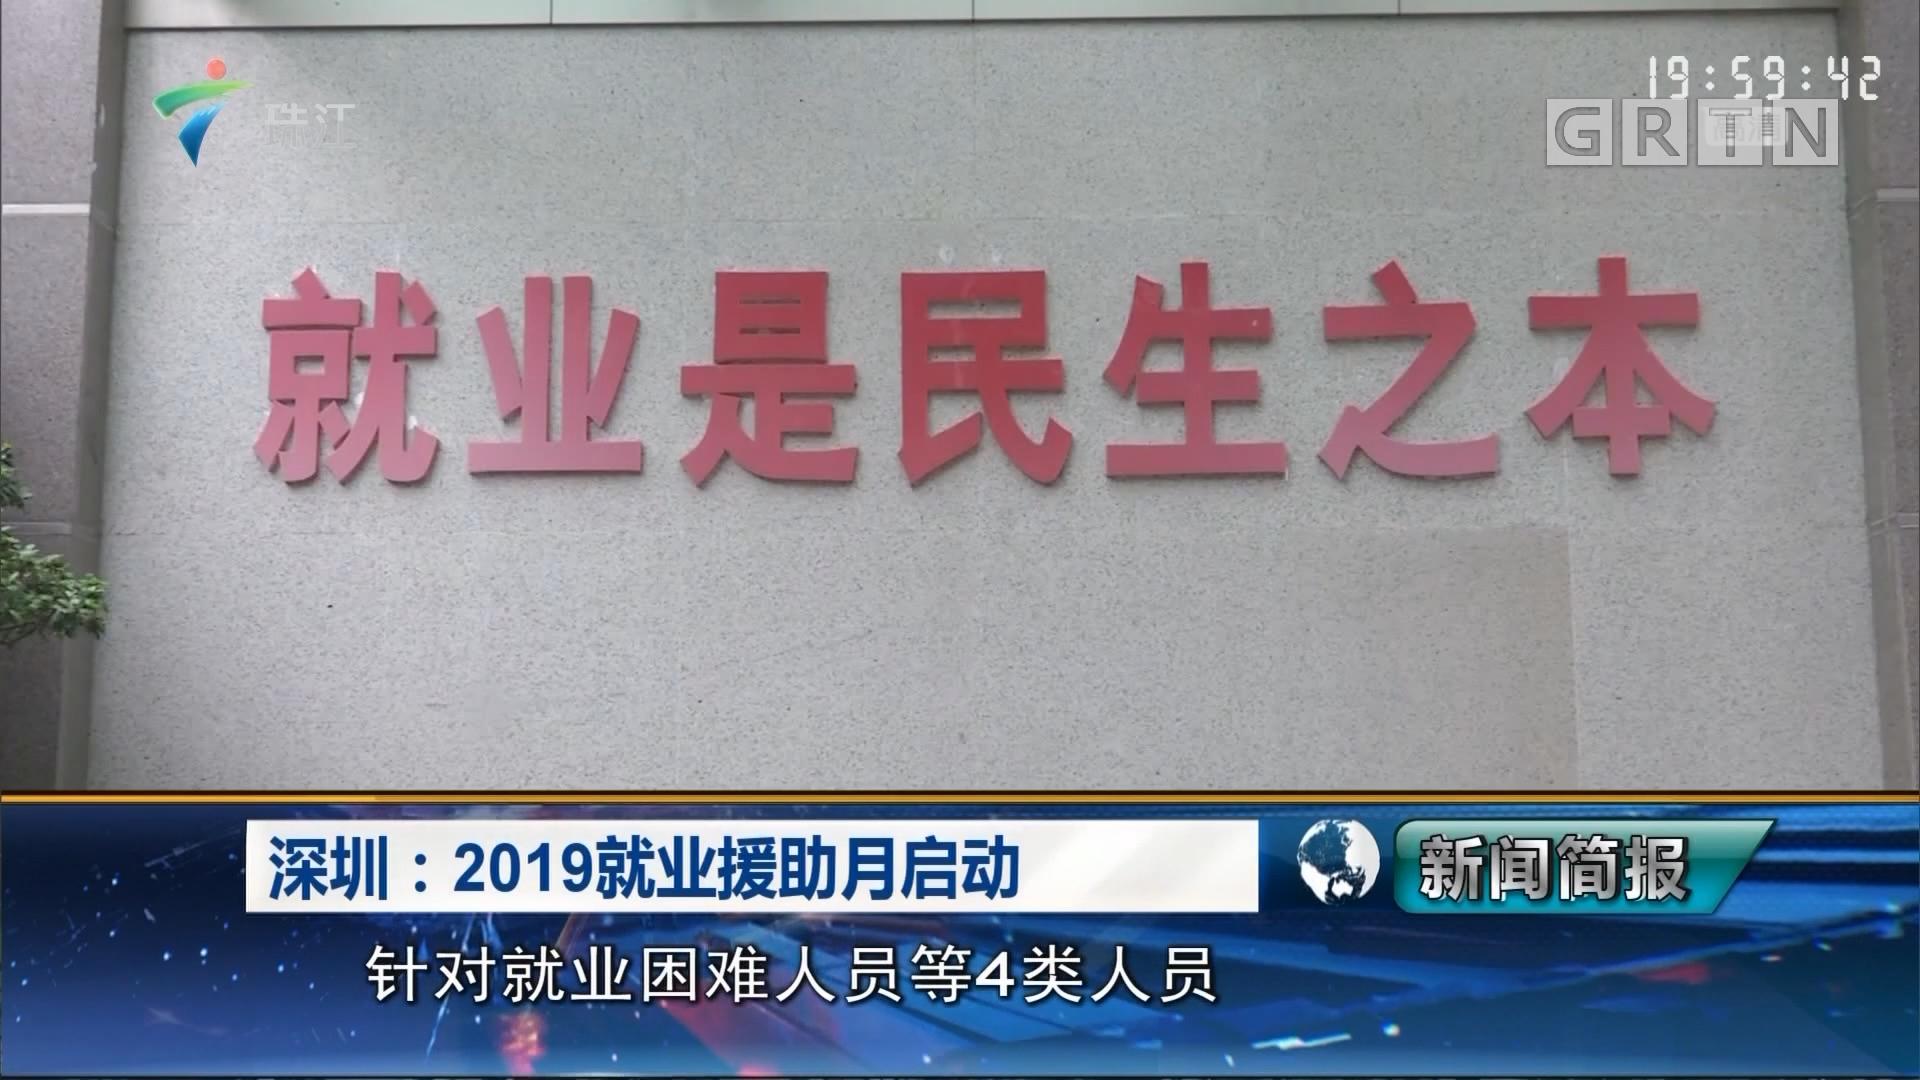 深圳:2019就业援助月启动